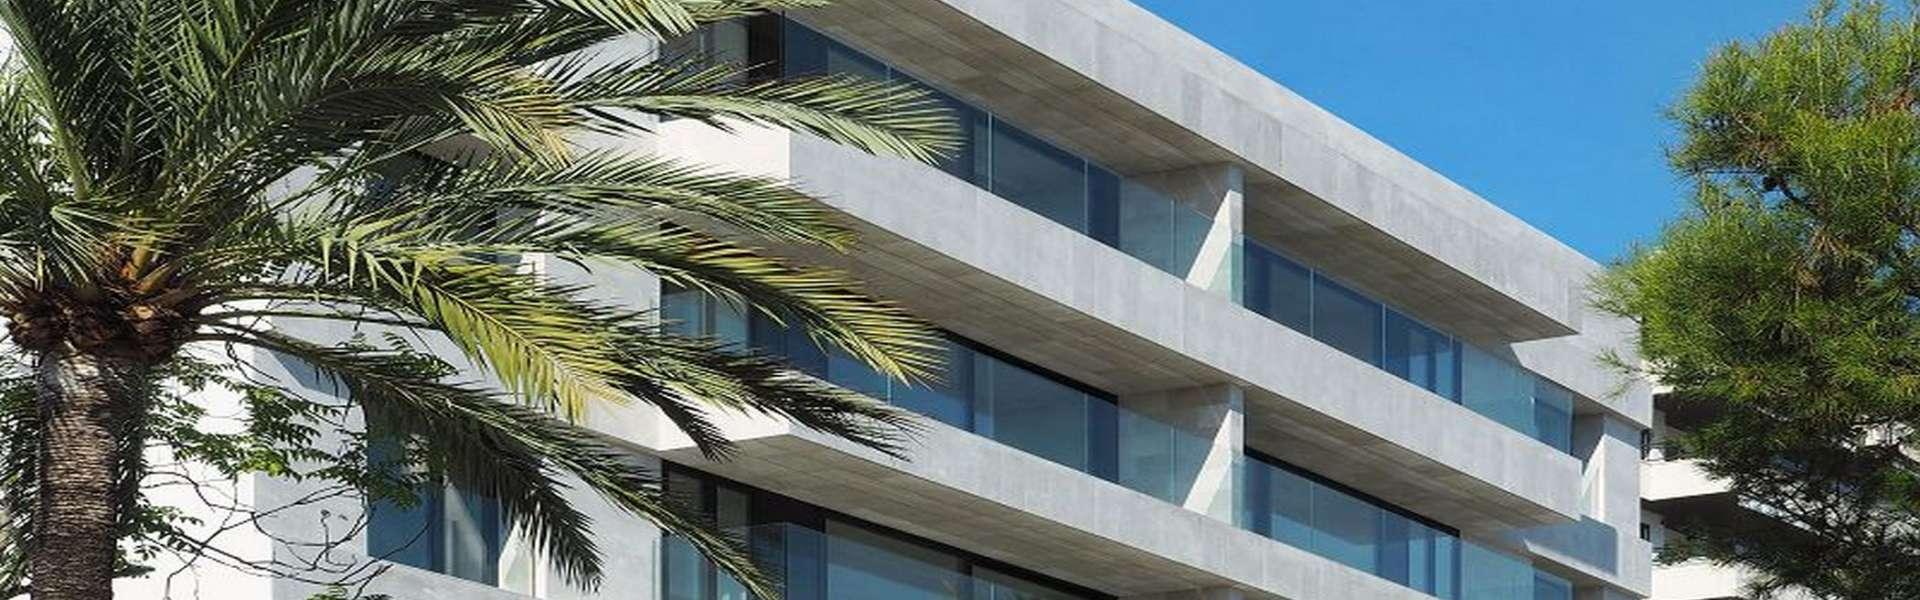 Palma/Paseo Marítimo - Wunderschönes Apartment mit hochwertiger Ausstattung und Hafenblick